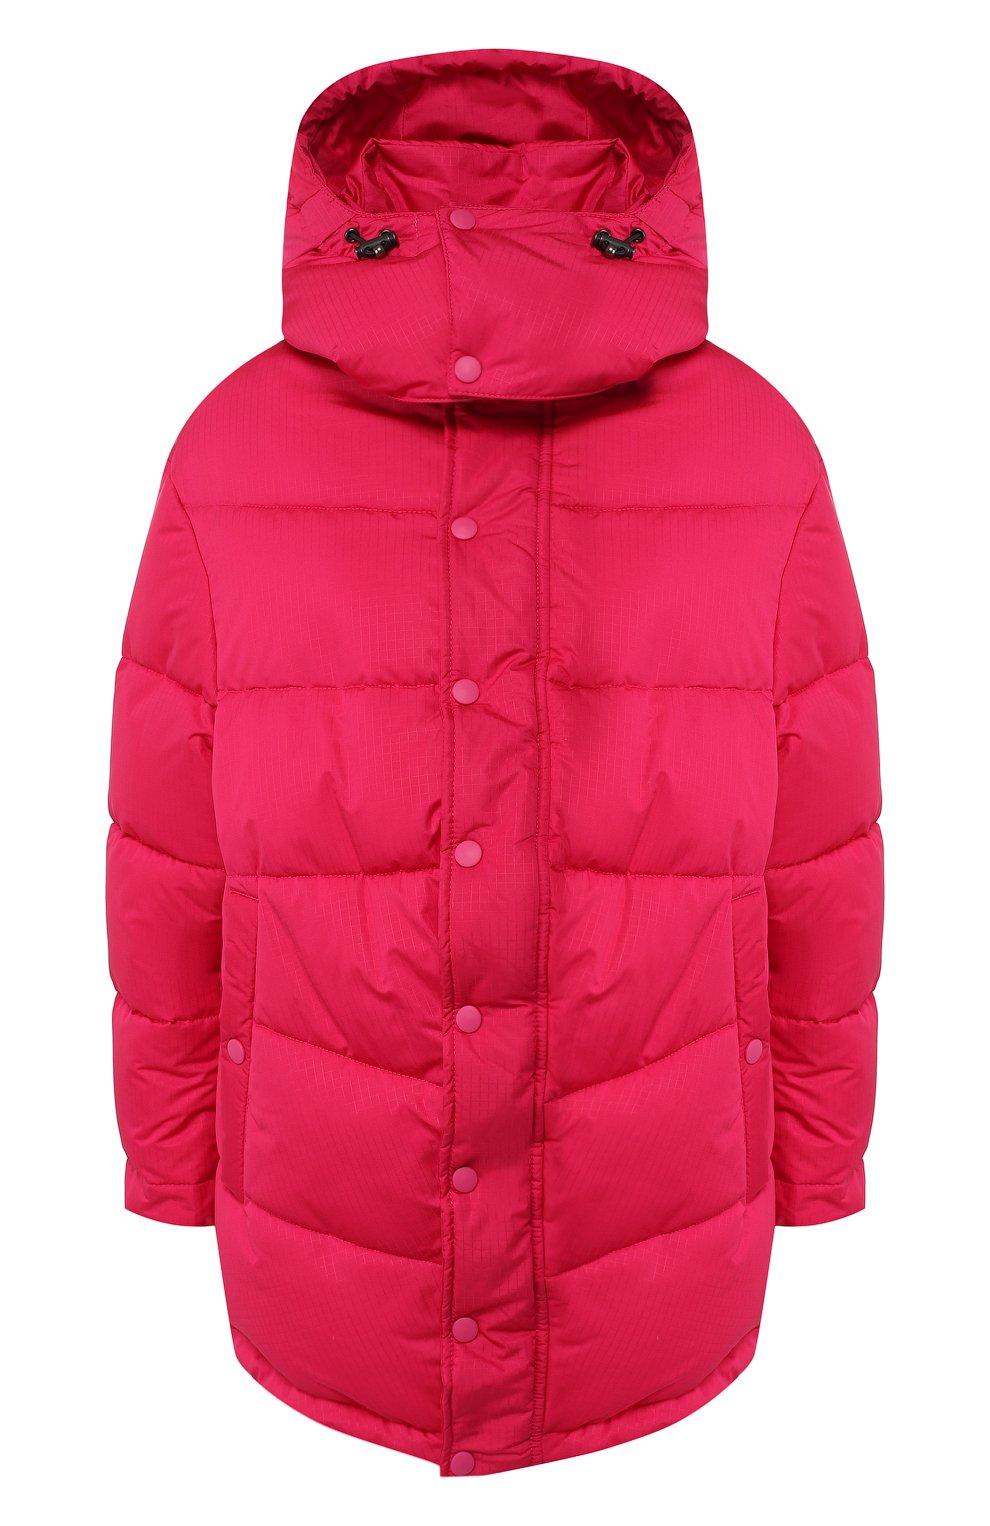 Женский стеганая куртка BALENCIAGA розового цвета, арт. 555346/TYD33   Фото 1 (Кросс-КТ: Куртка, Пуховик; Рукава от горловины: Длинные; Рукава: Длинные; Женское Кросс-КТ: Пуховик-куртка; Длина (верхняя одежда): До середины бедра, Короткие; Материал внешний: Синтетический материал, Полиэстер; Материал подклада: Синтетический материал; Статус проверки: Проверено, Проверена категория)